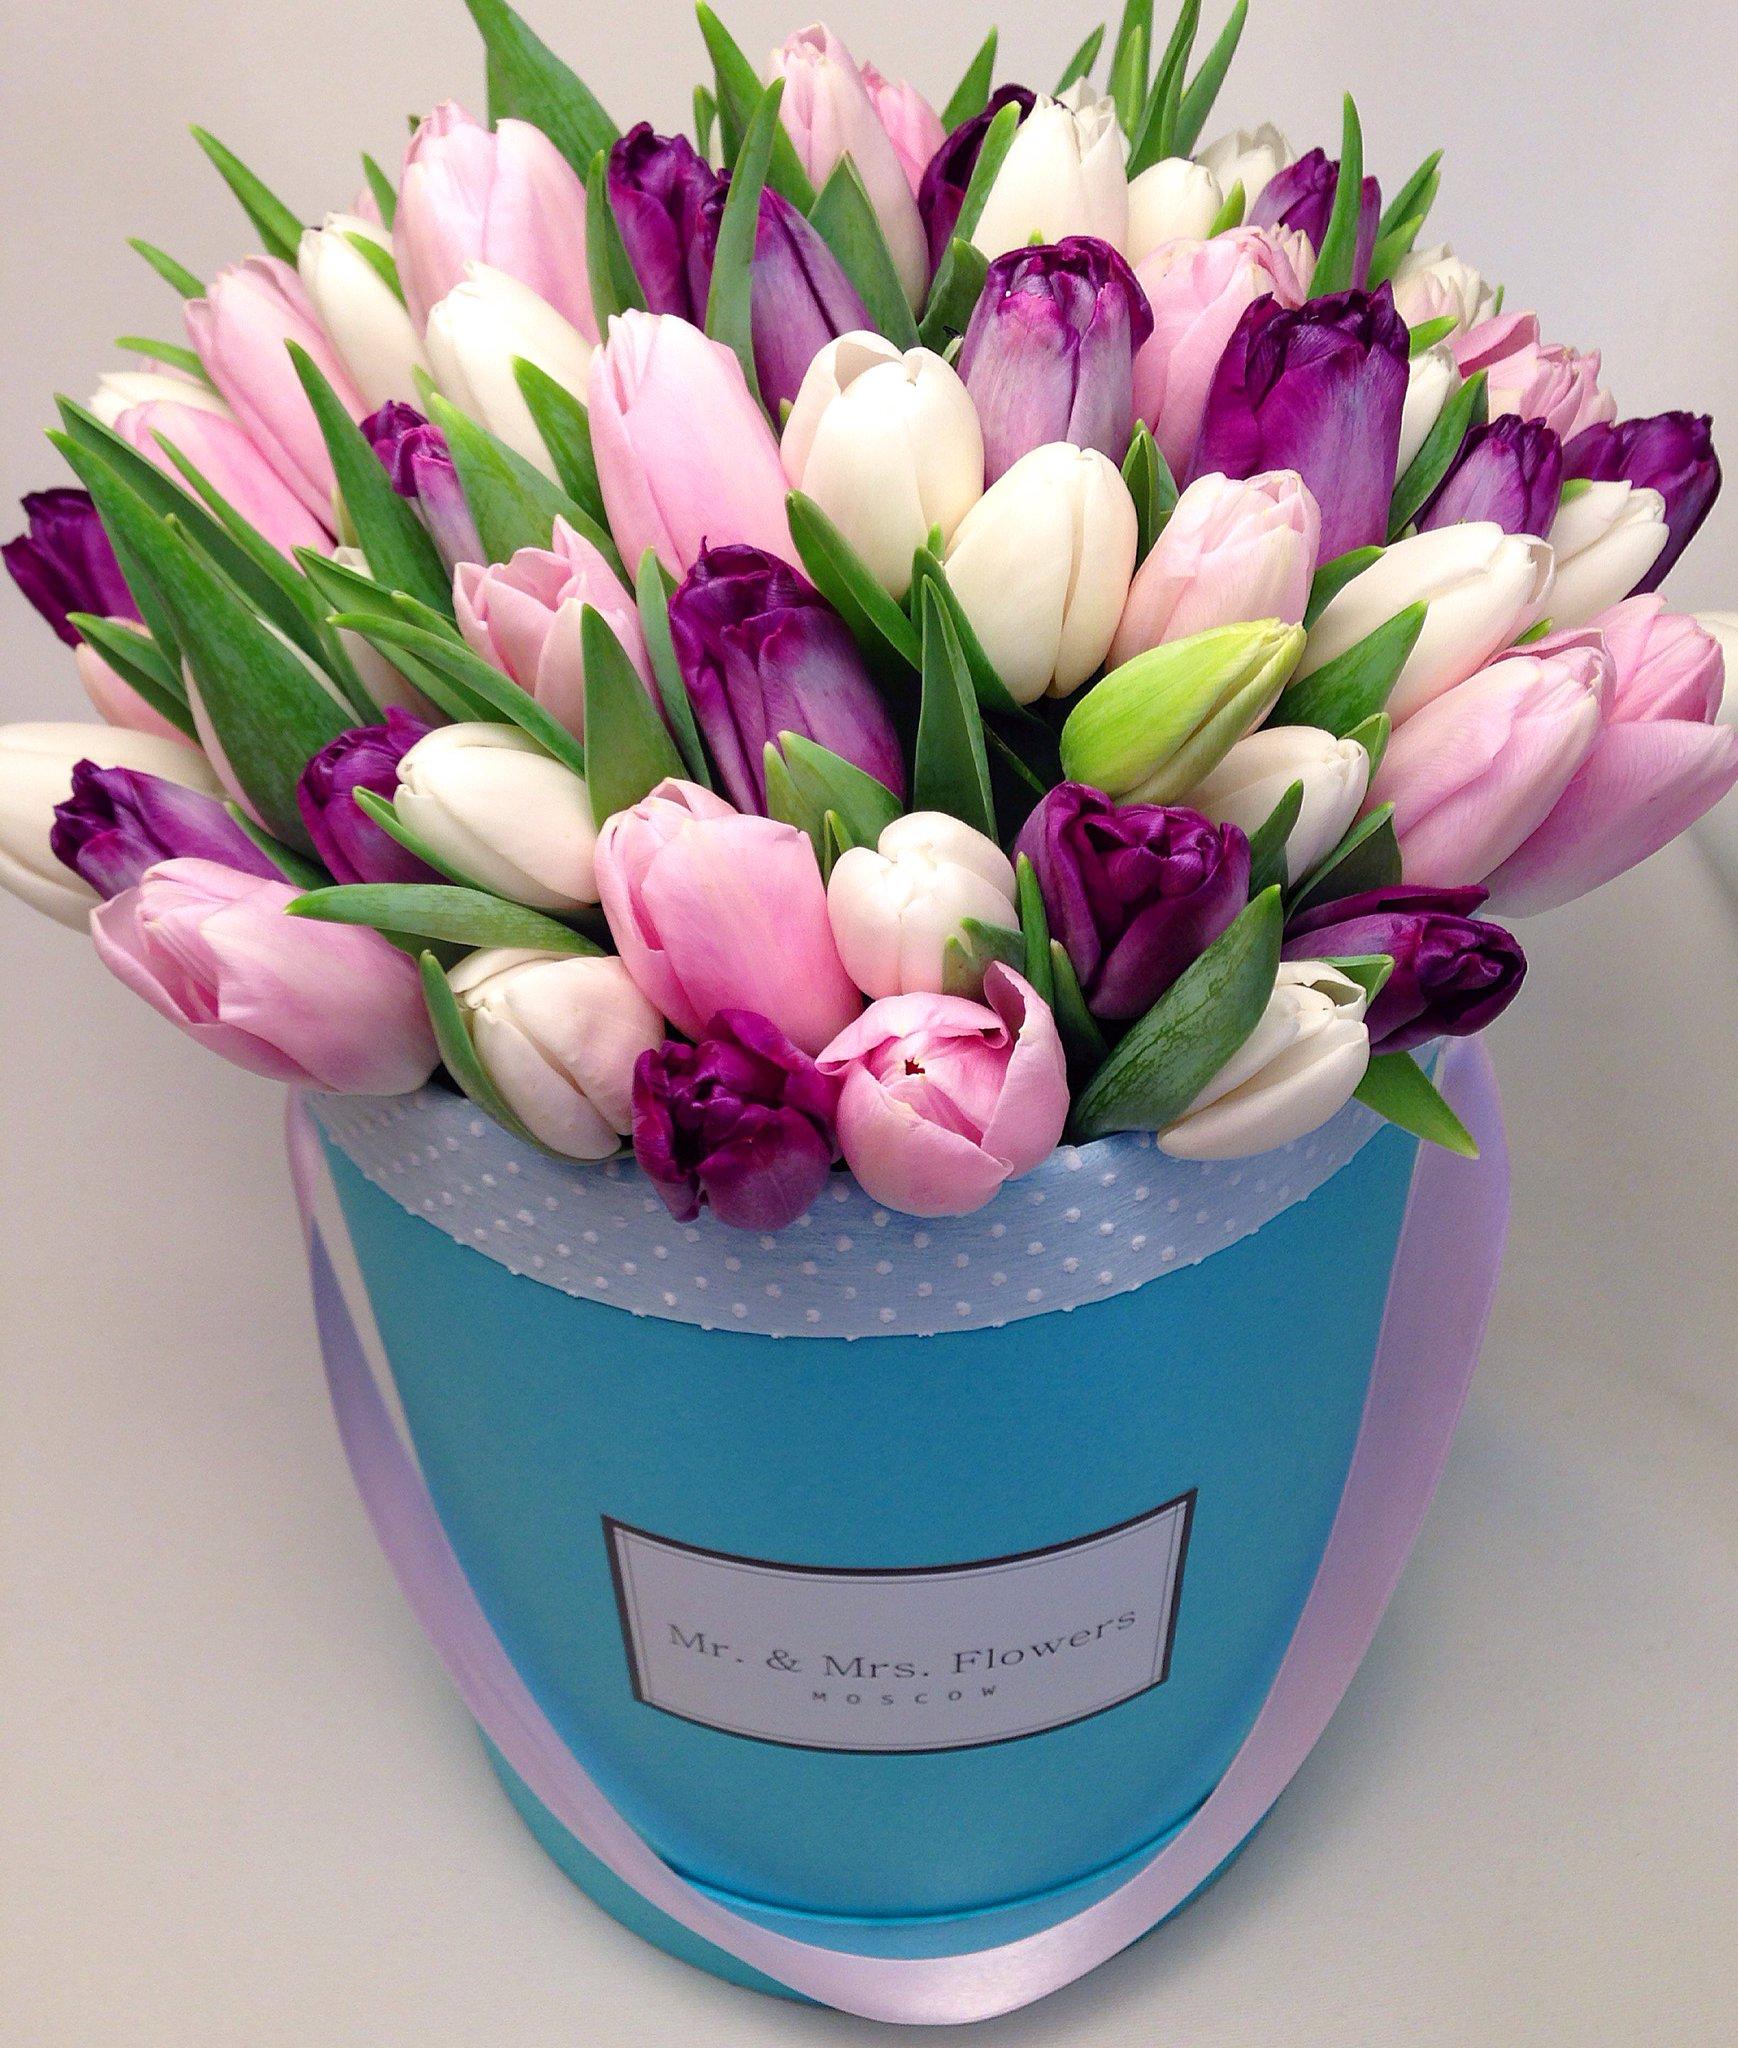 открытка с днем рождения красивый букет тюльпанов будет превращать тыквы